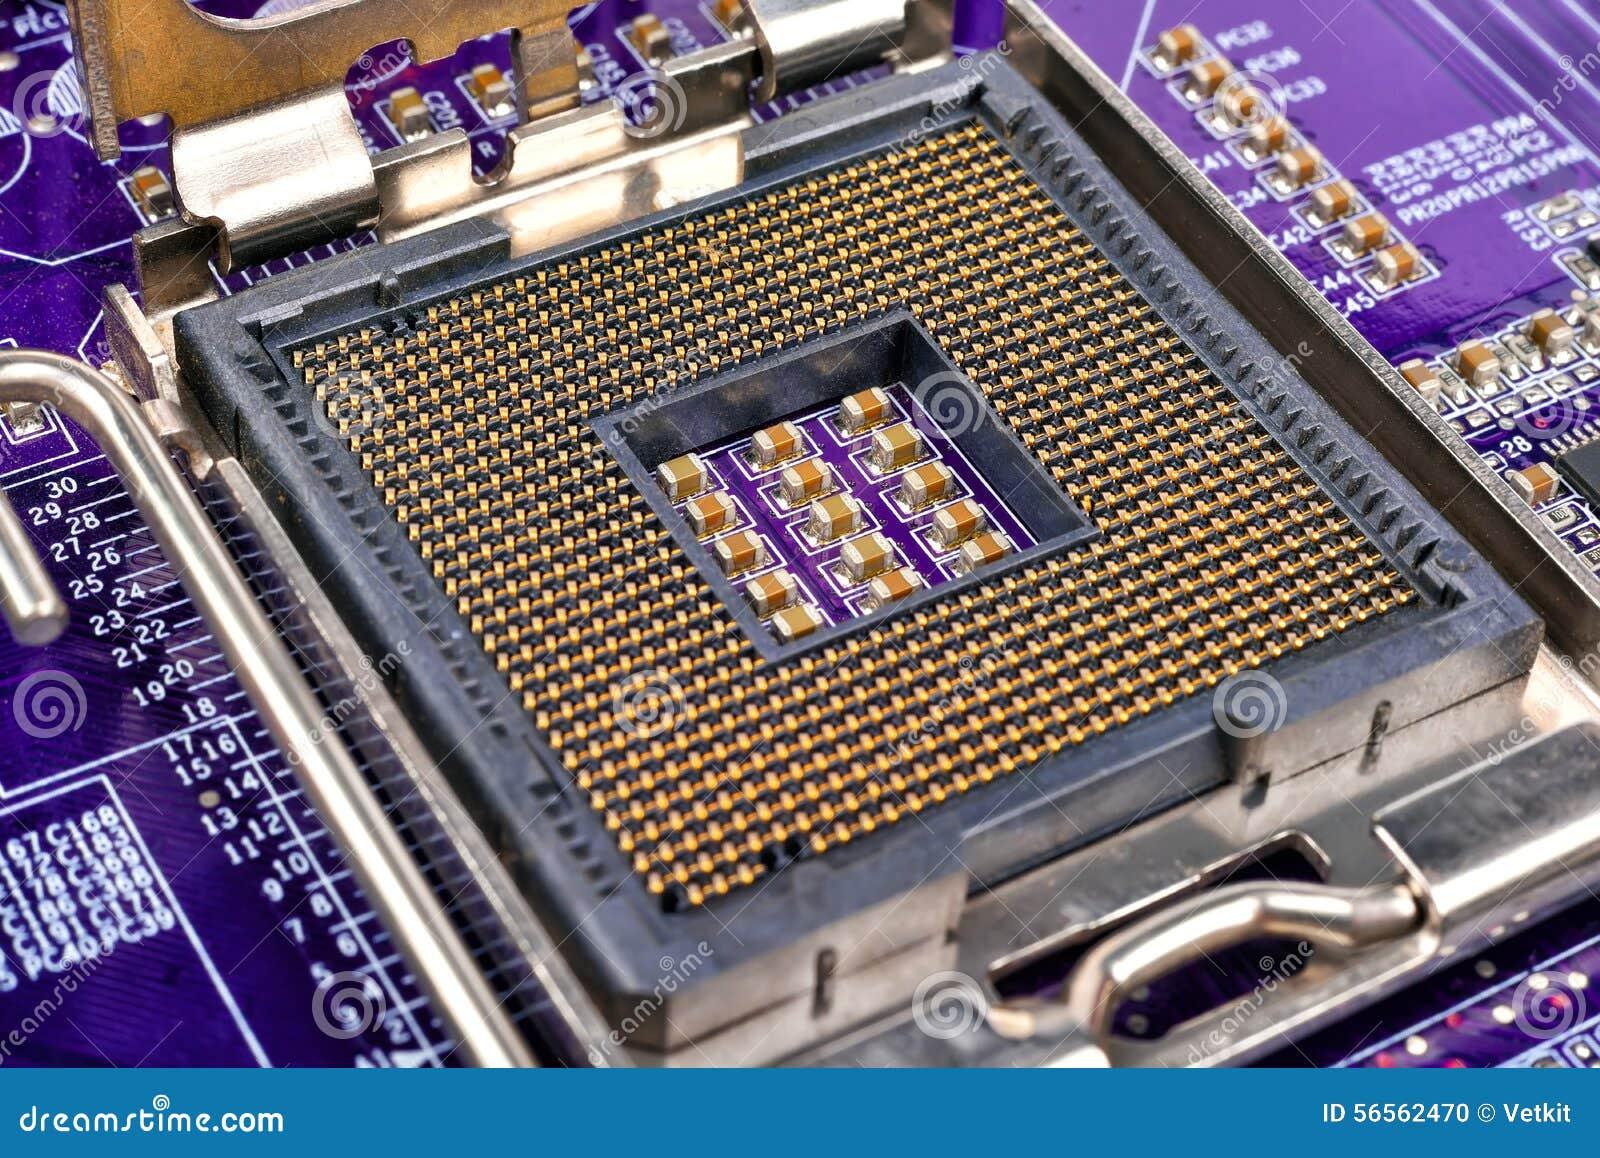 кауие ножки на процессоре отвечают за ддр 3 слот